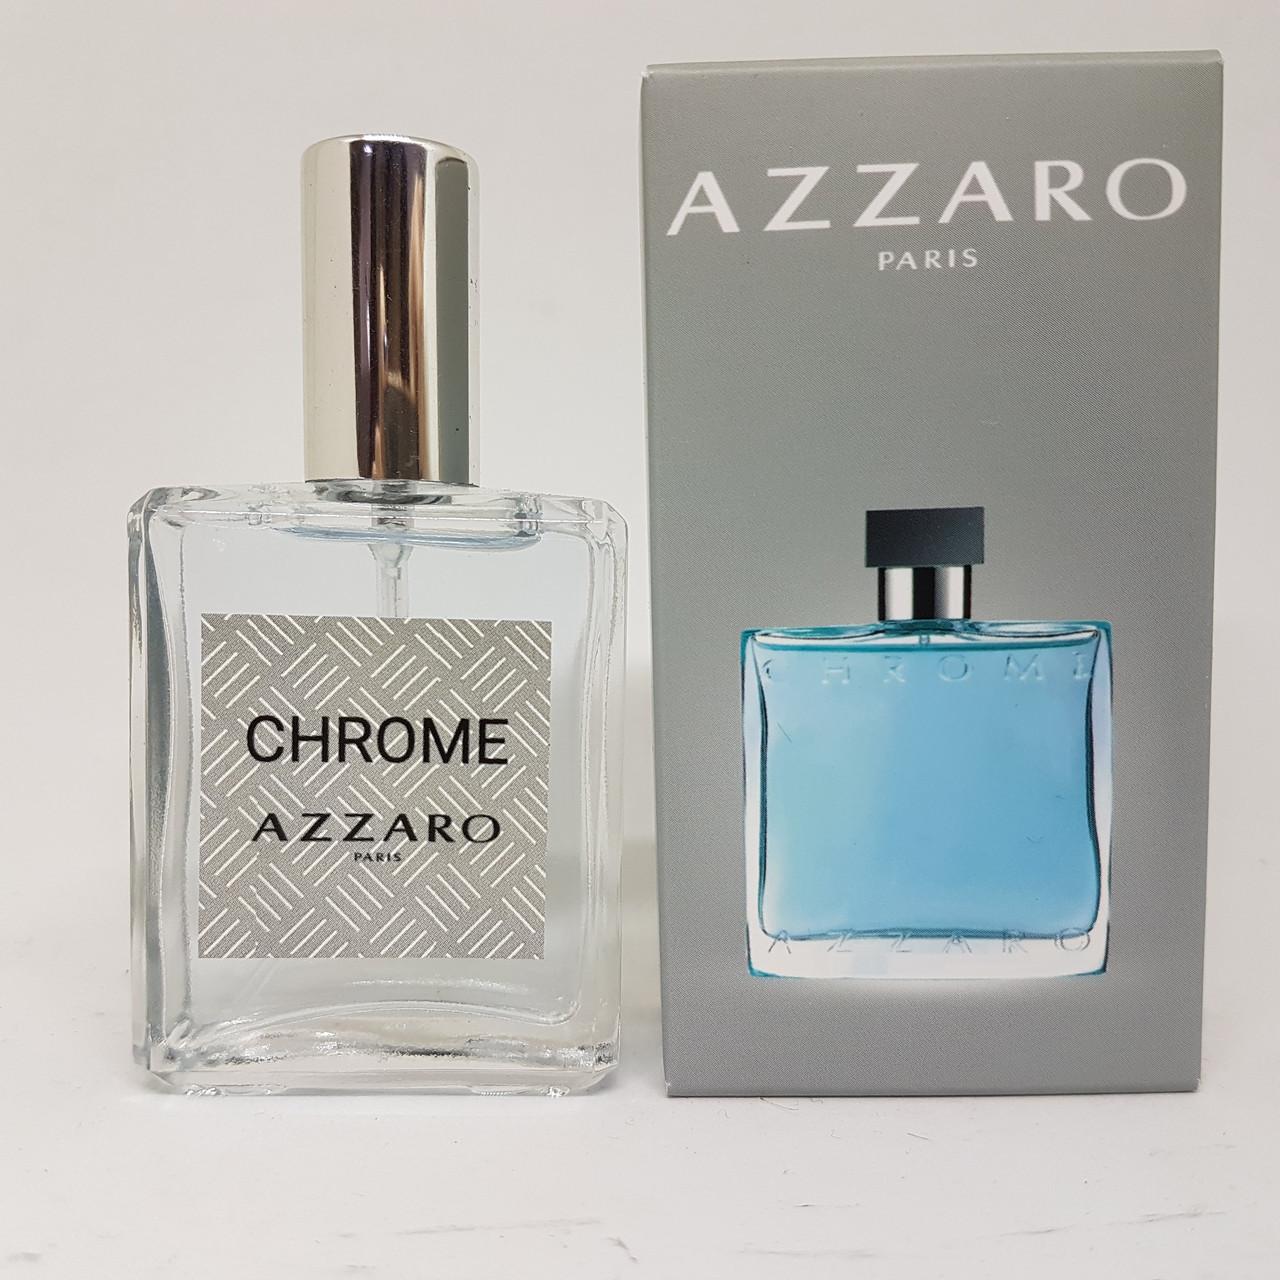 Azzaro Chrome - Voyage 30ml